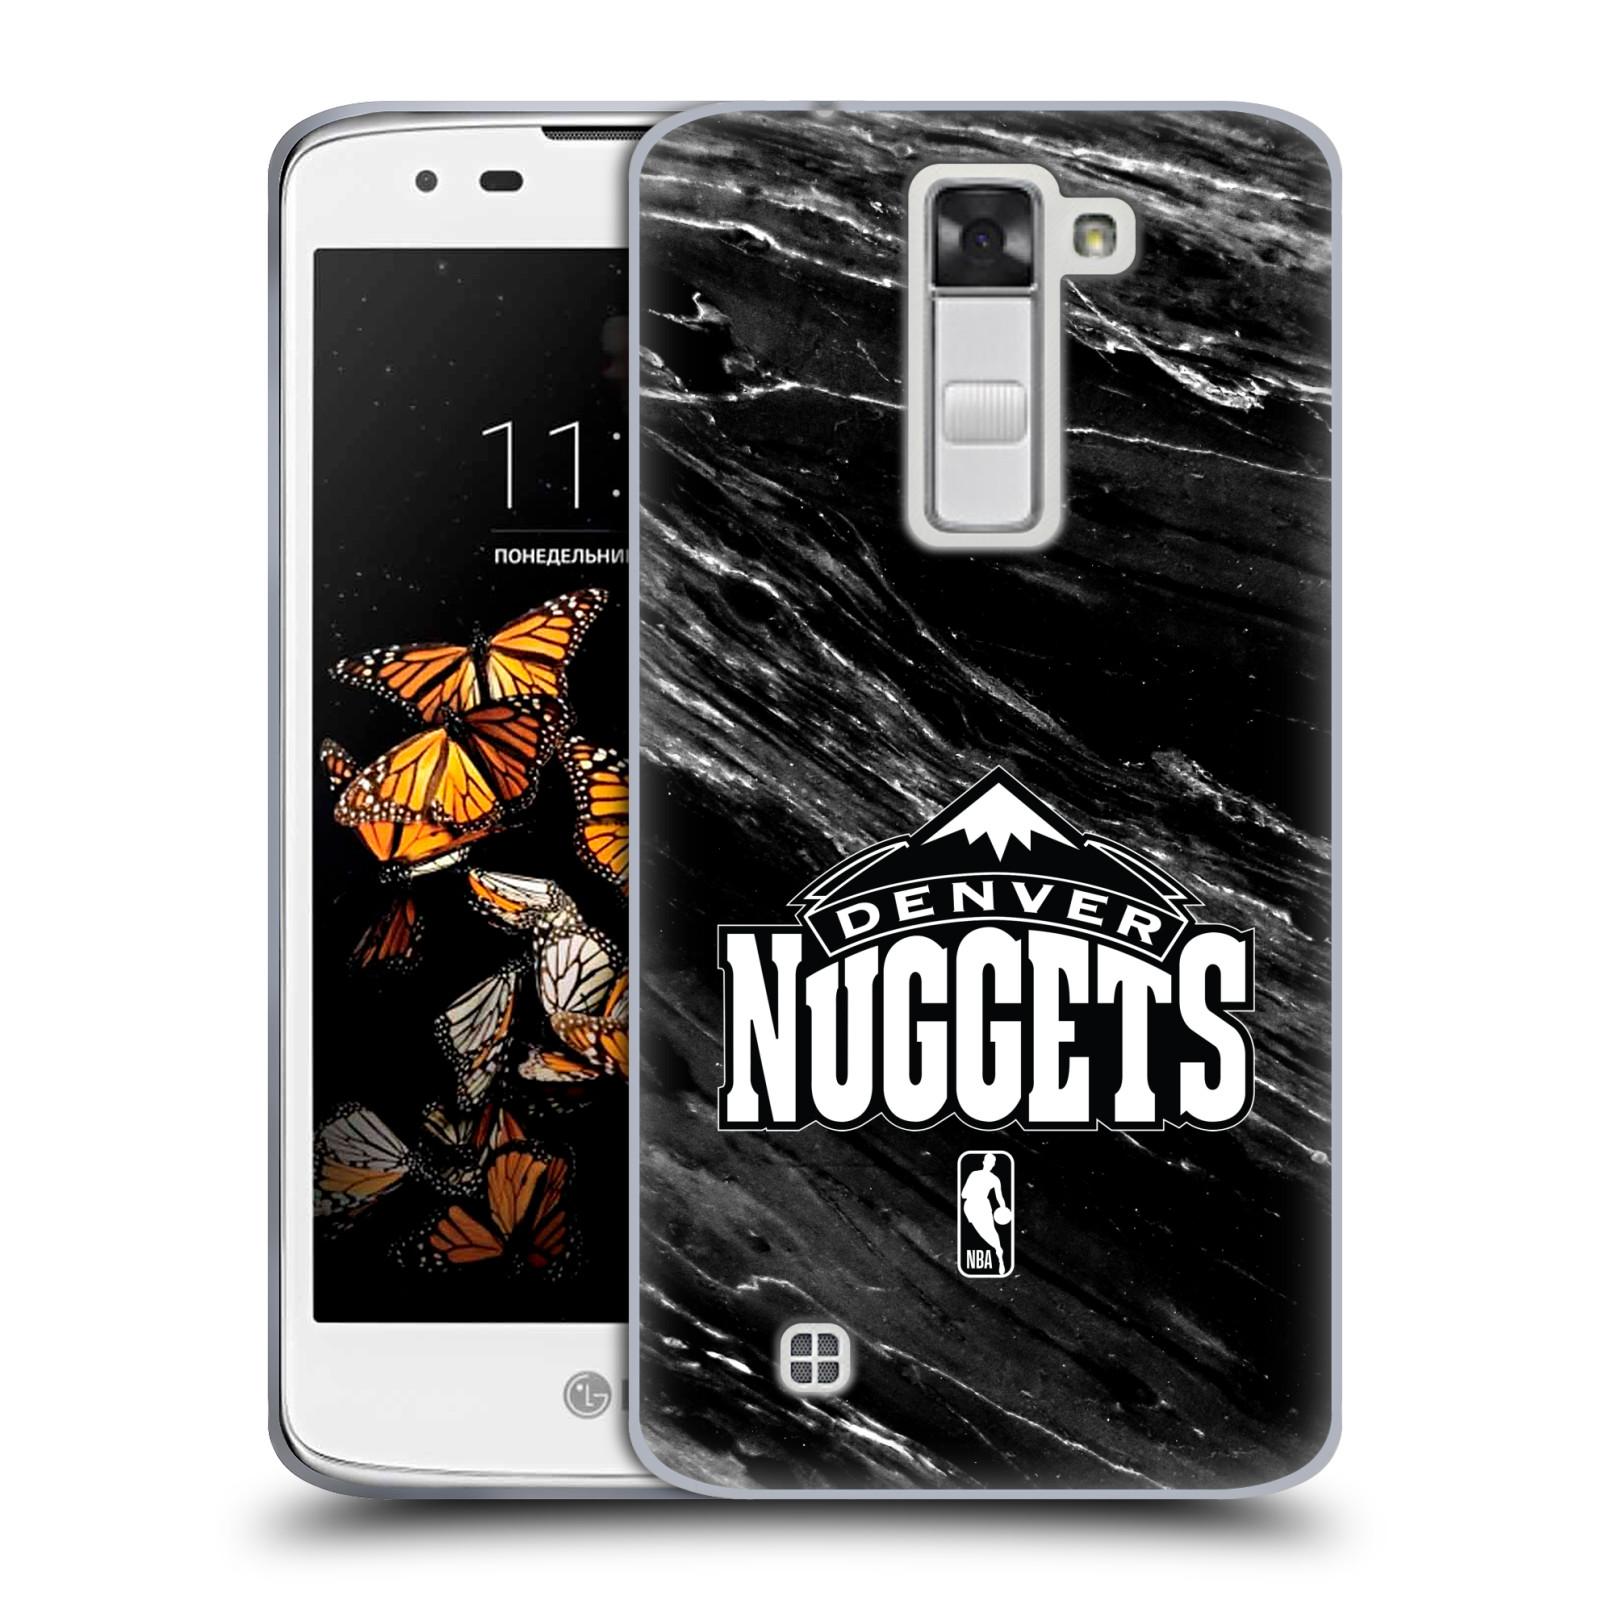 OFFICIAL-NBA-DENVER-NUGGETS-SOFT-GEL-CASE-FOR-LG-PHONES-2